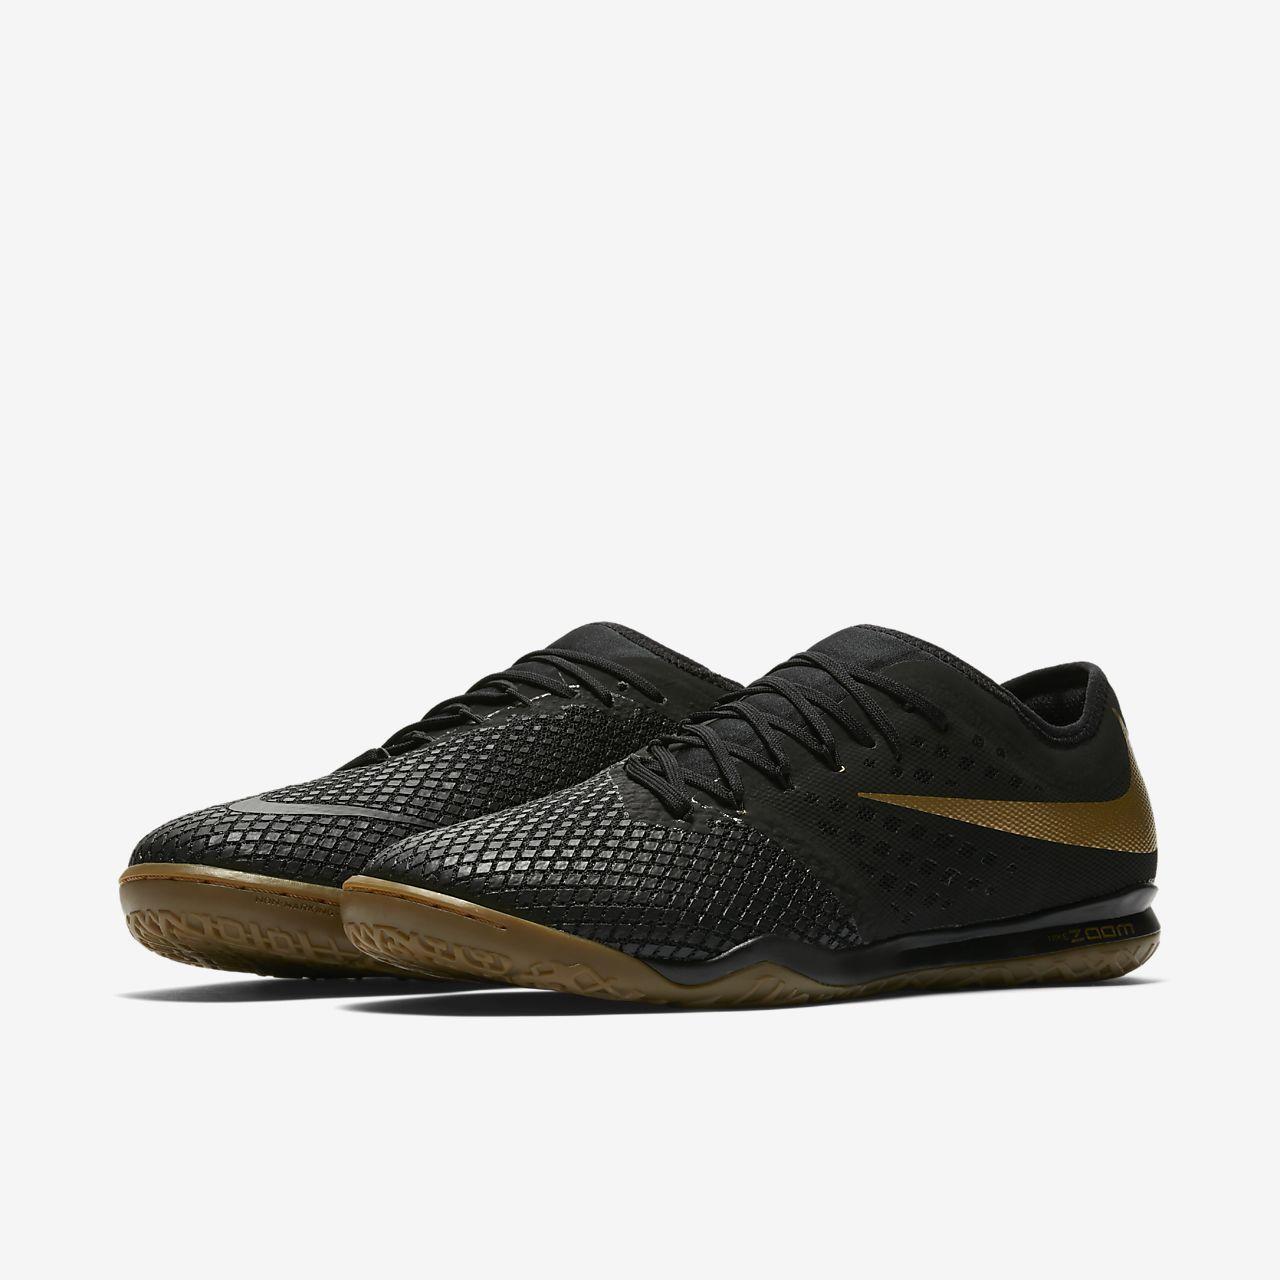 Nike Zoom Hypervenom III Pro Fußballschuh für Hallen- und Hartplätze